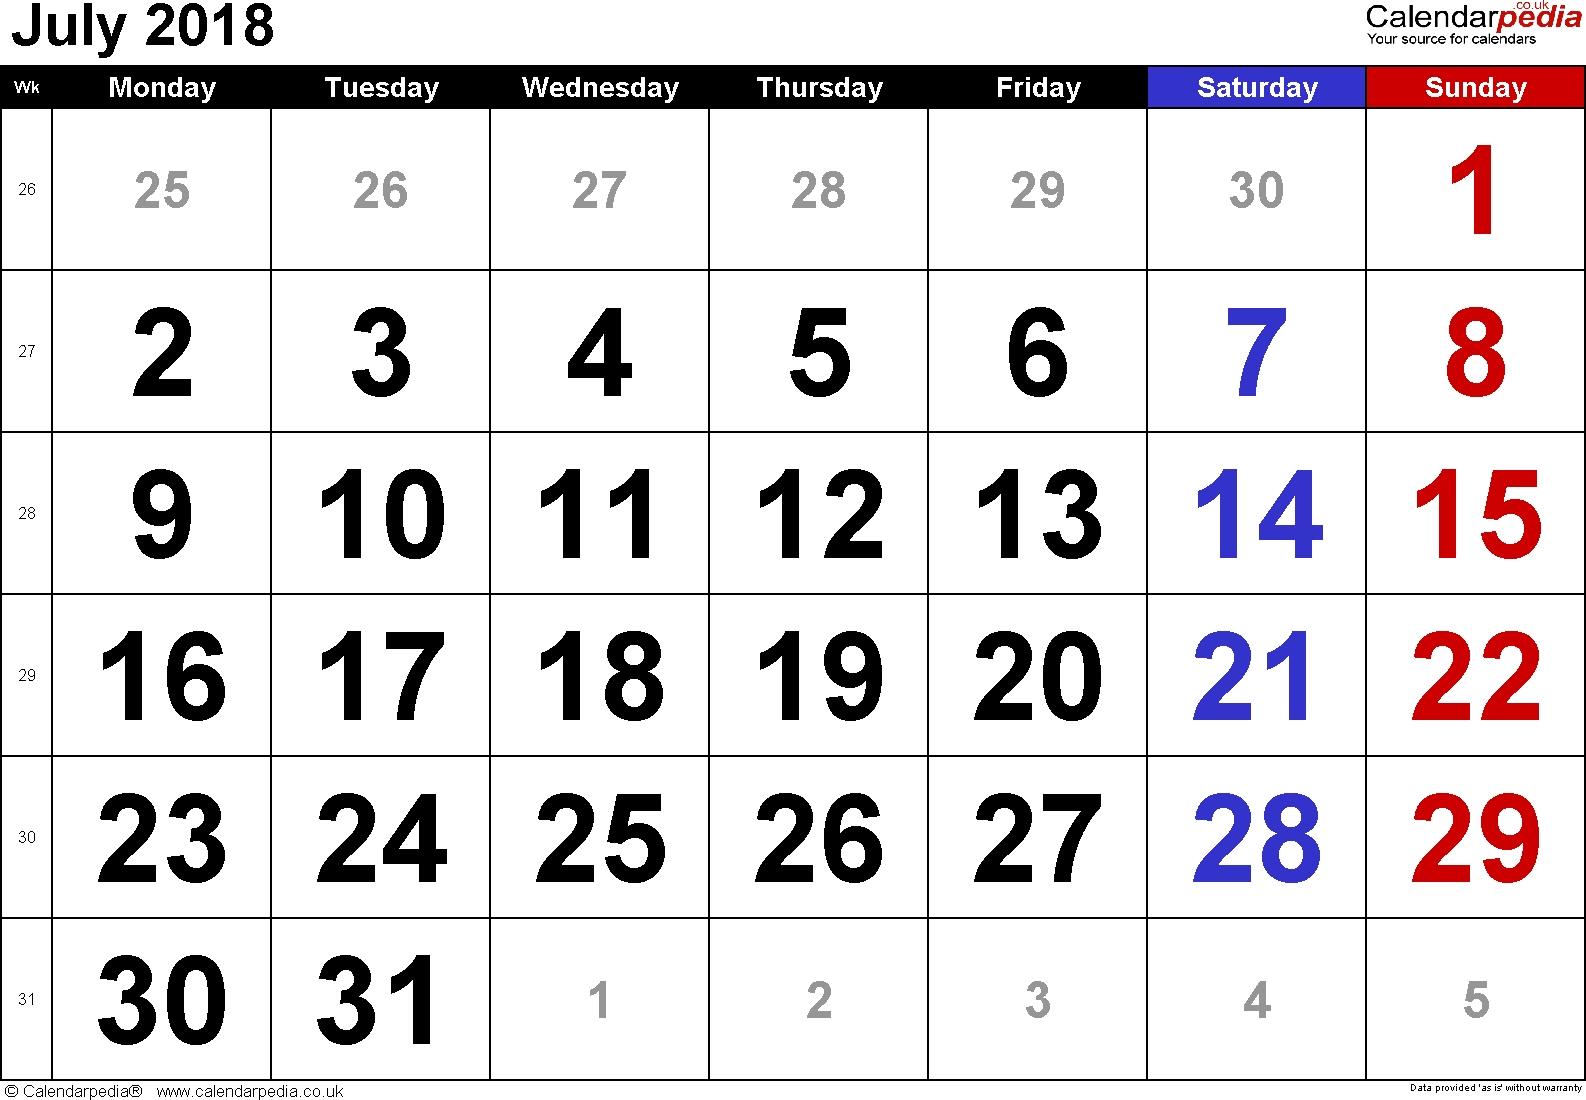 Free Printable Calendar Large Numbers | Ten Free Printable